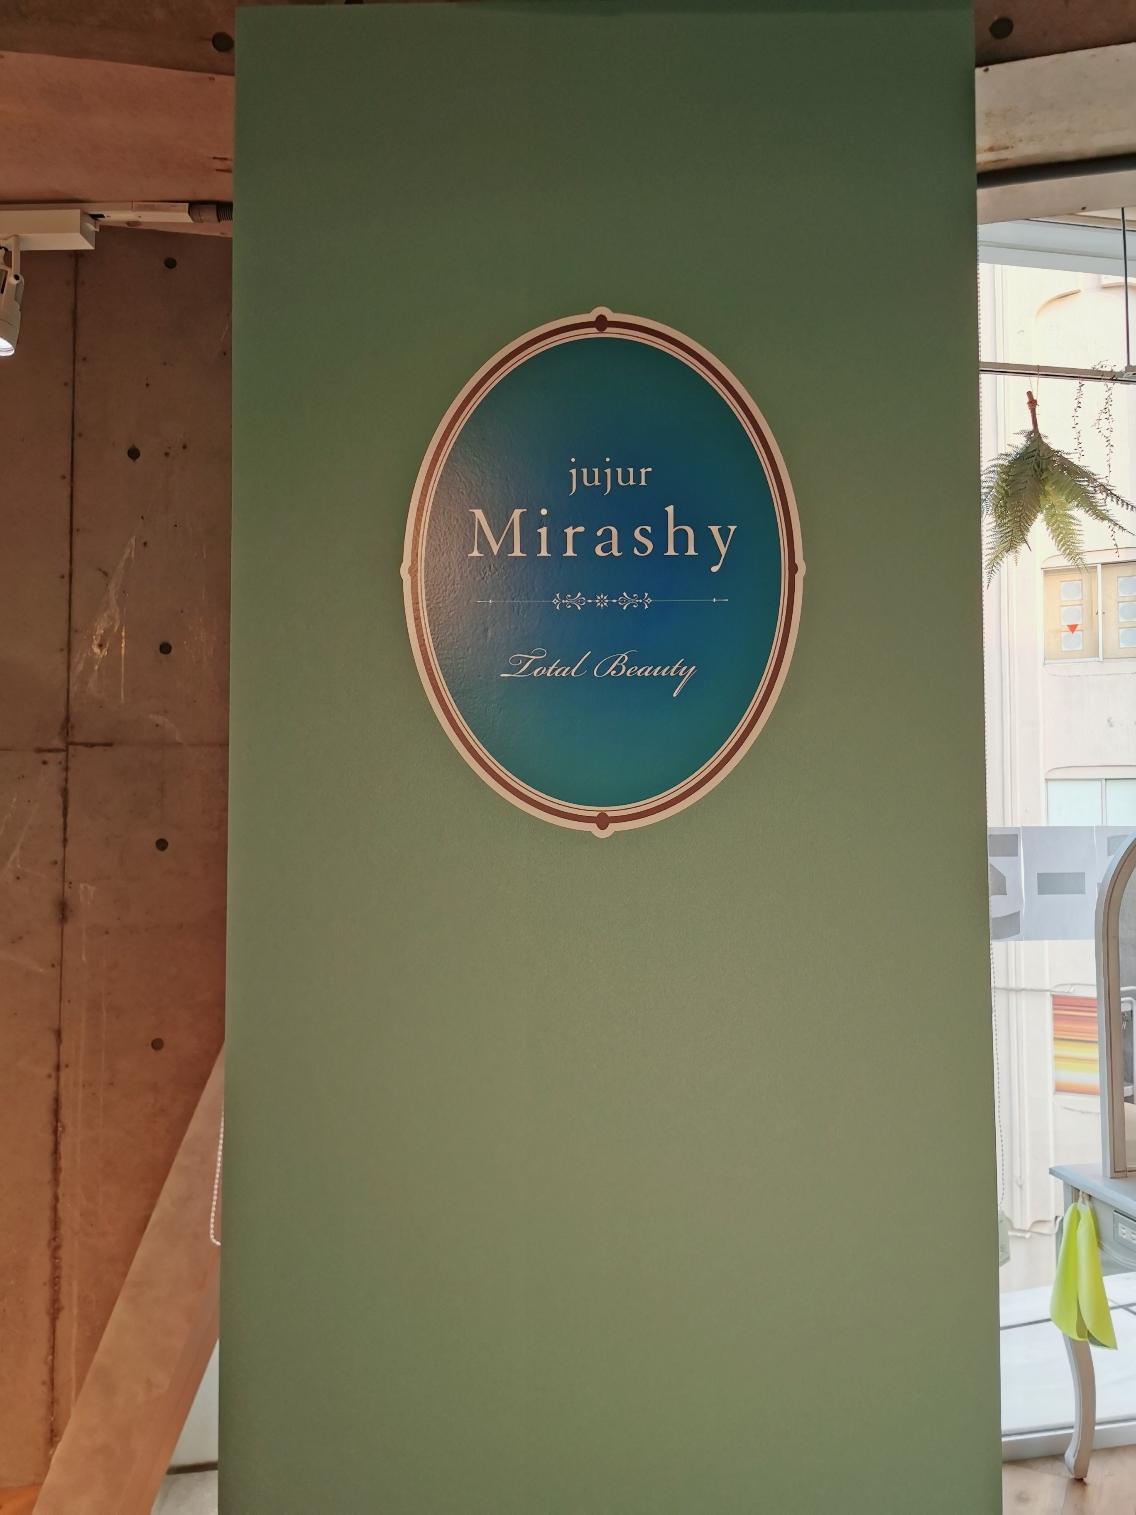 jujur Mirashy